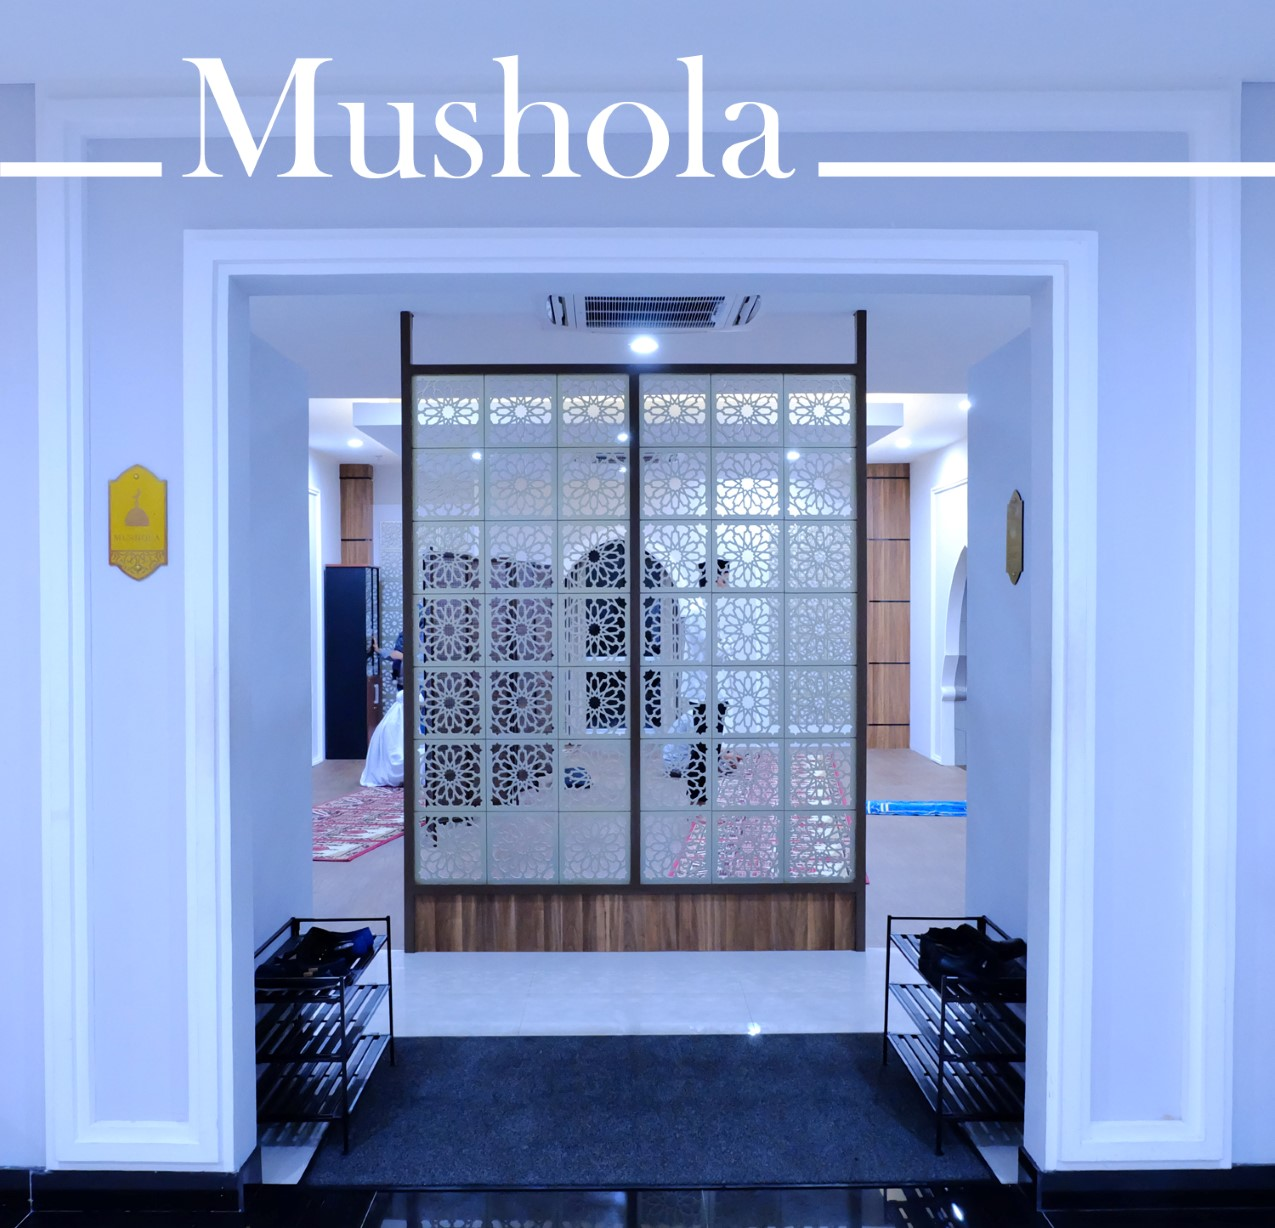 mushola-hotel-syariah-jogja-grand-seriti-madani-bintang4-berbintang-jalan-magelang